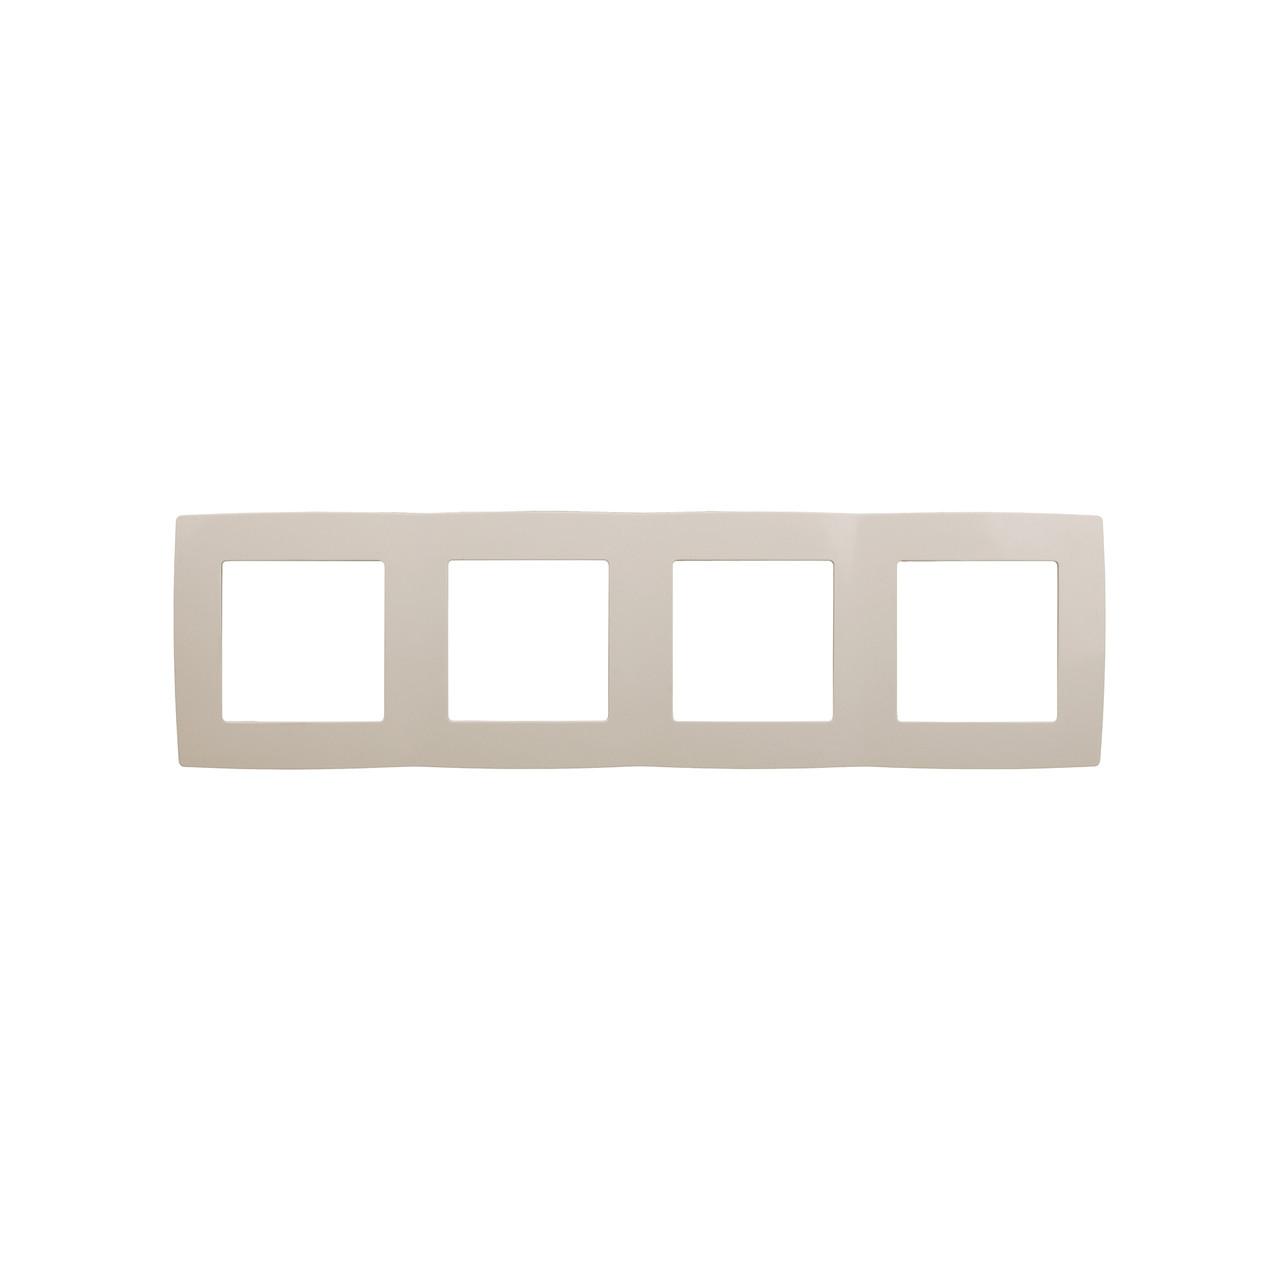 12-5004-02 Рамка на 4 поста, ЭРА12, слоновая кость